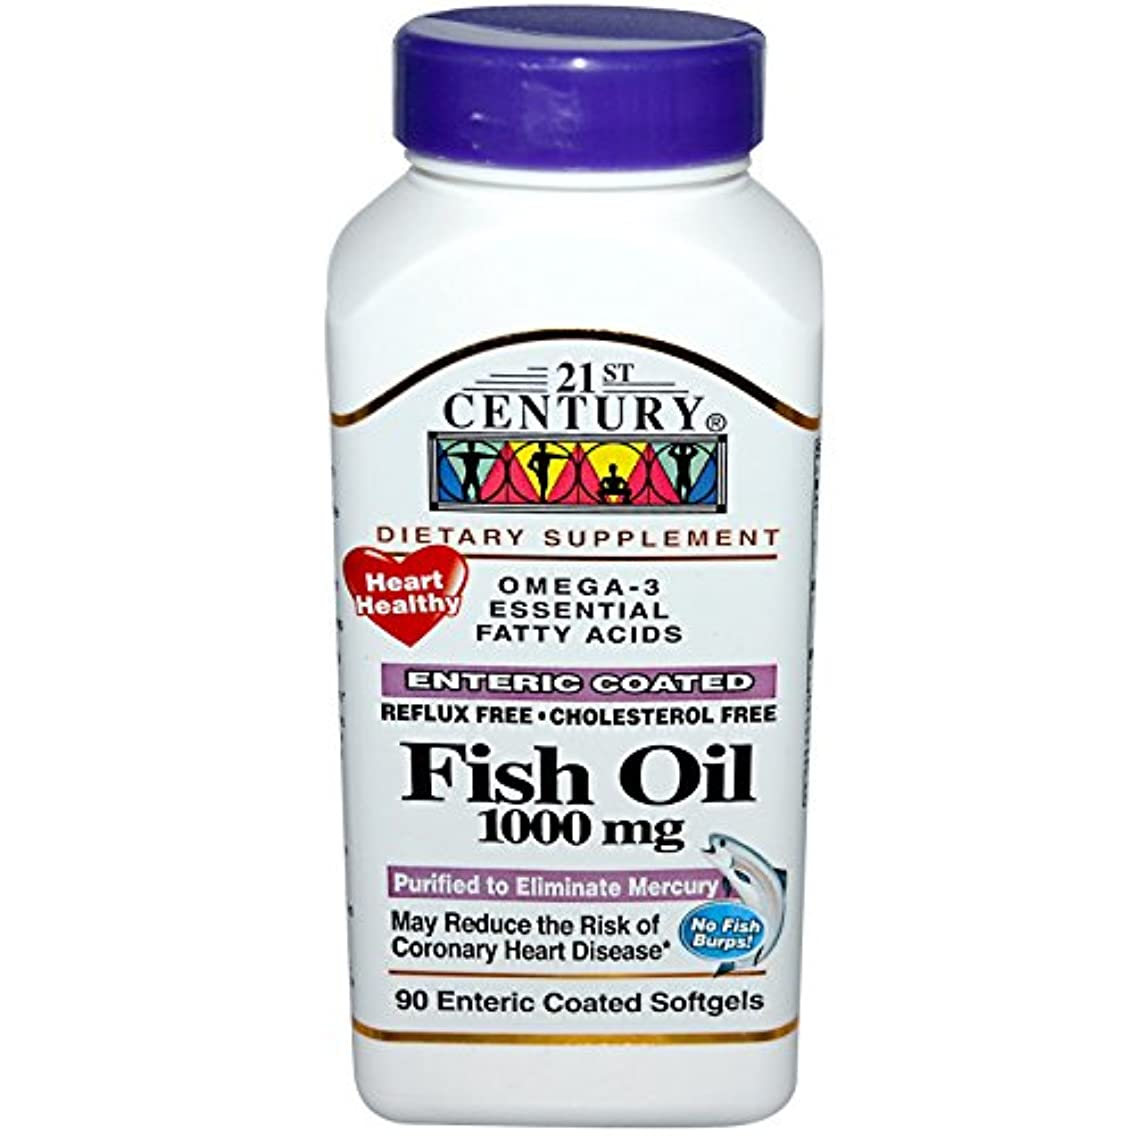 言い換えるとポンド民主党21st Century Health Care, Fish Oil, 1000 mg, 90 Enteric Coated Softgels